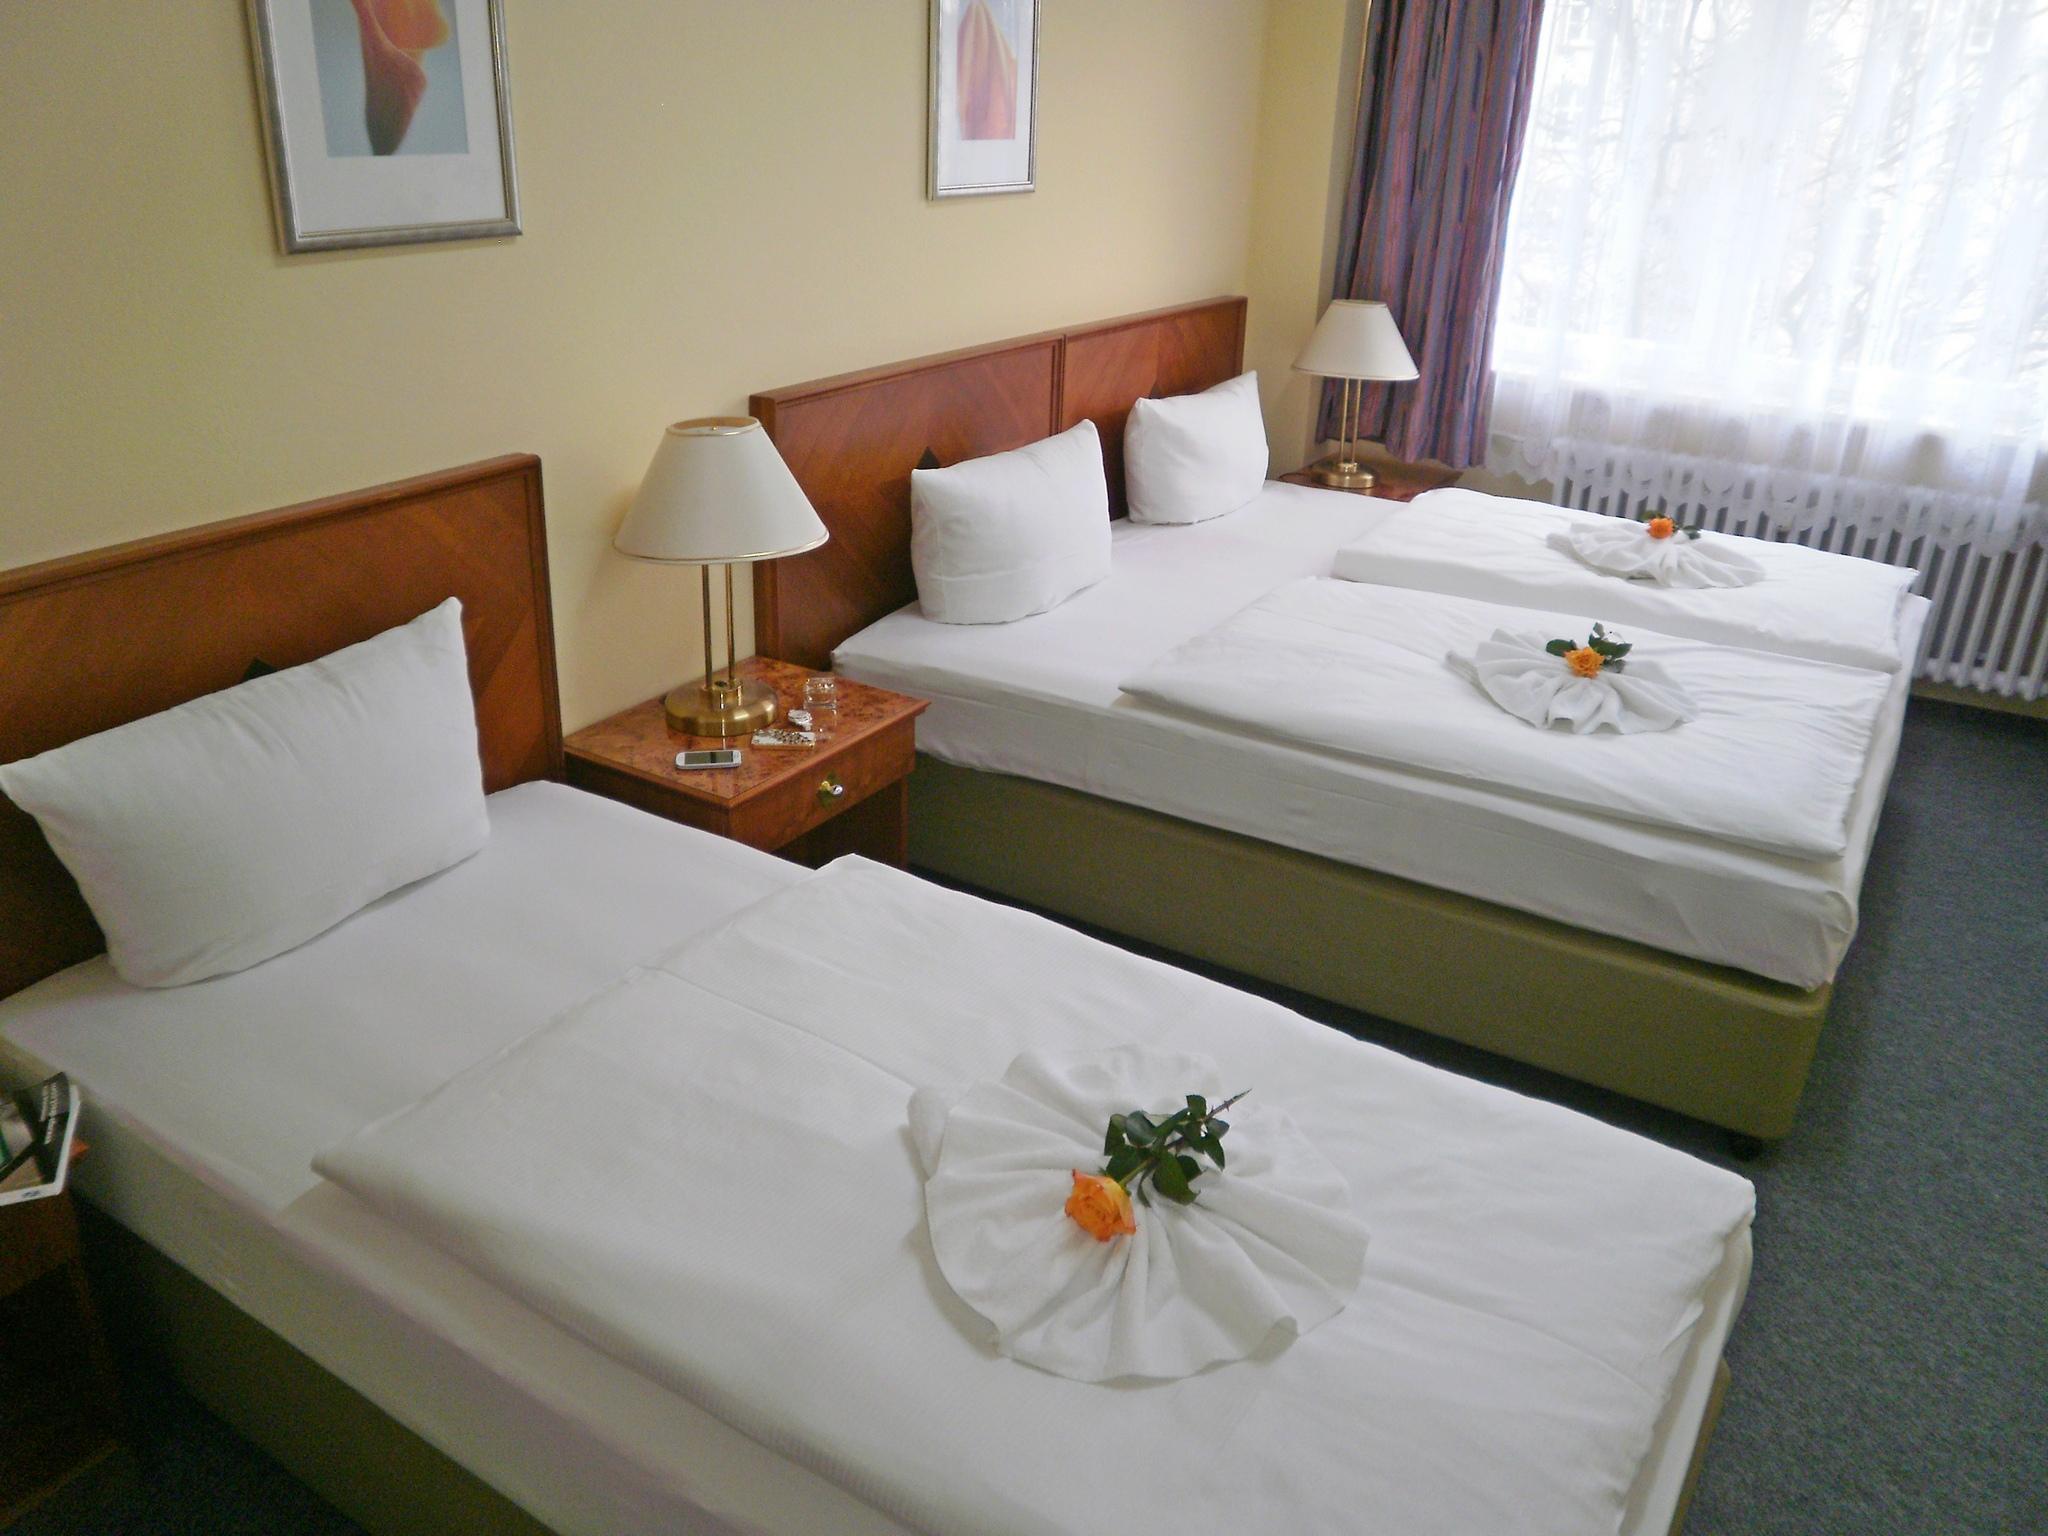 Hotel Amadeus Central - Hotell och Boende i Tyskland i Europa